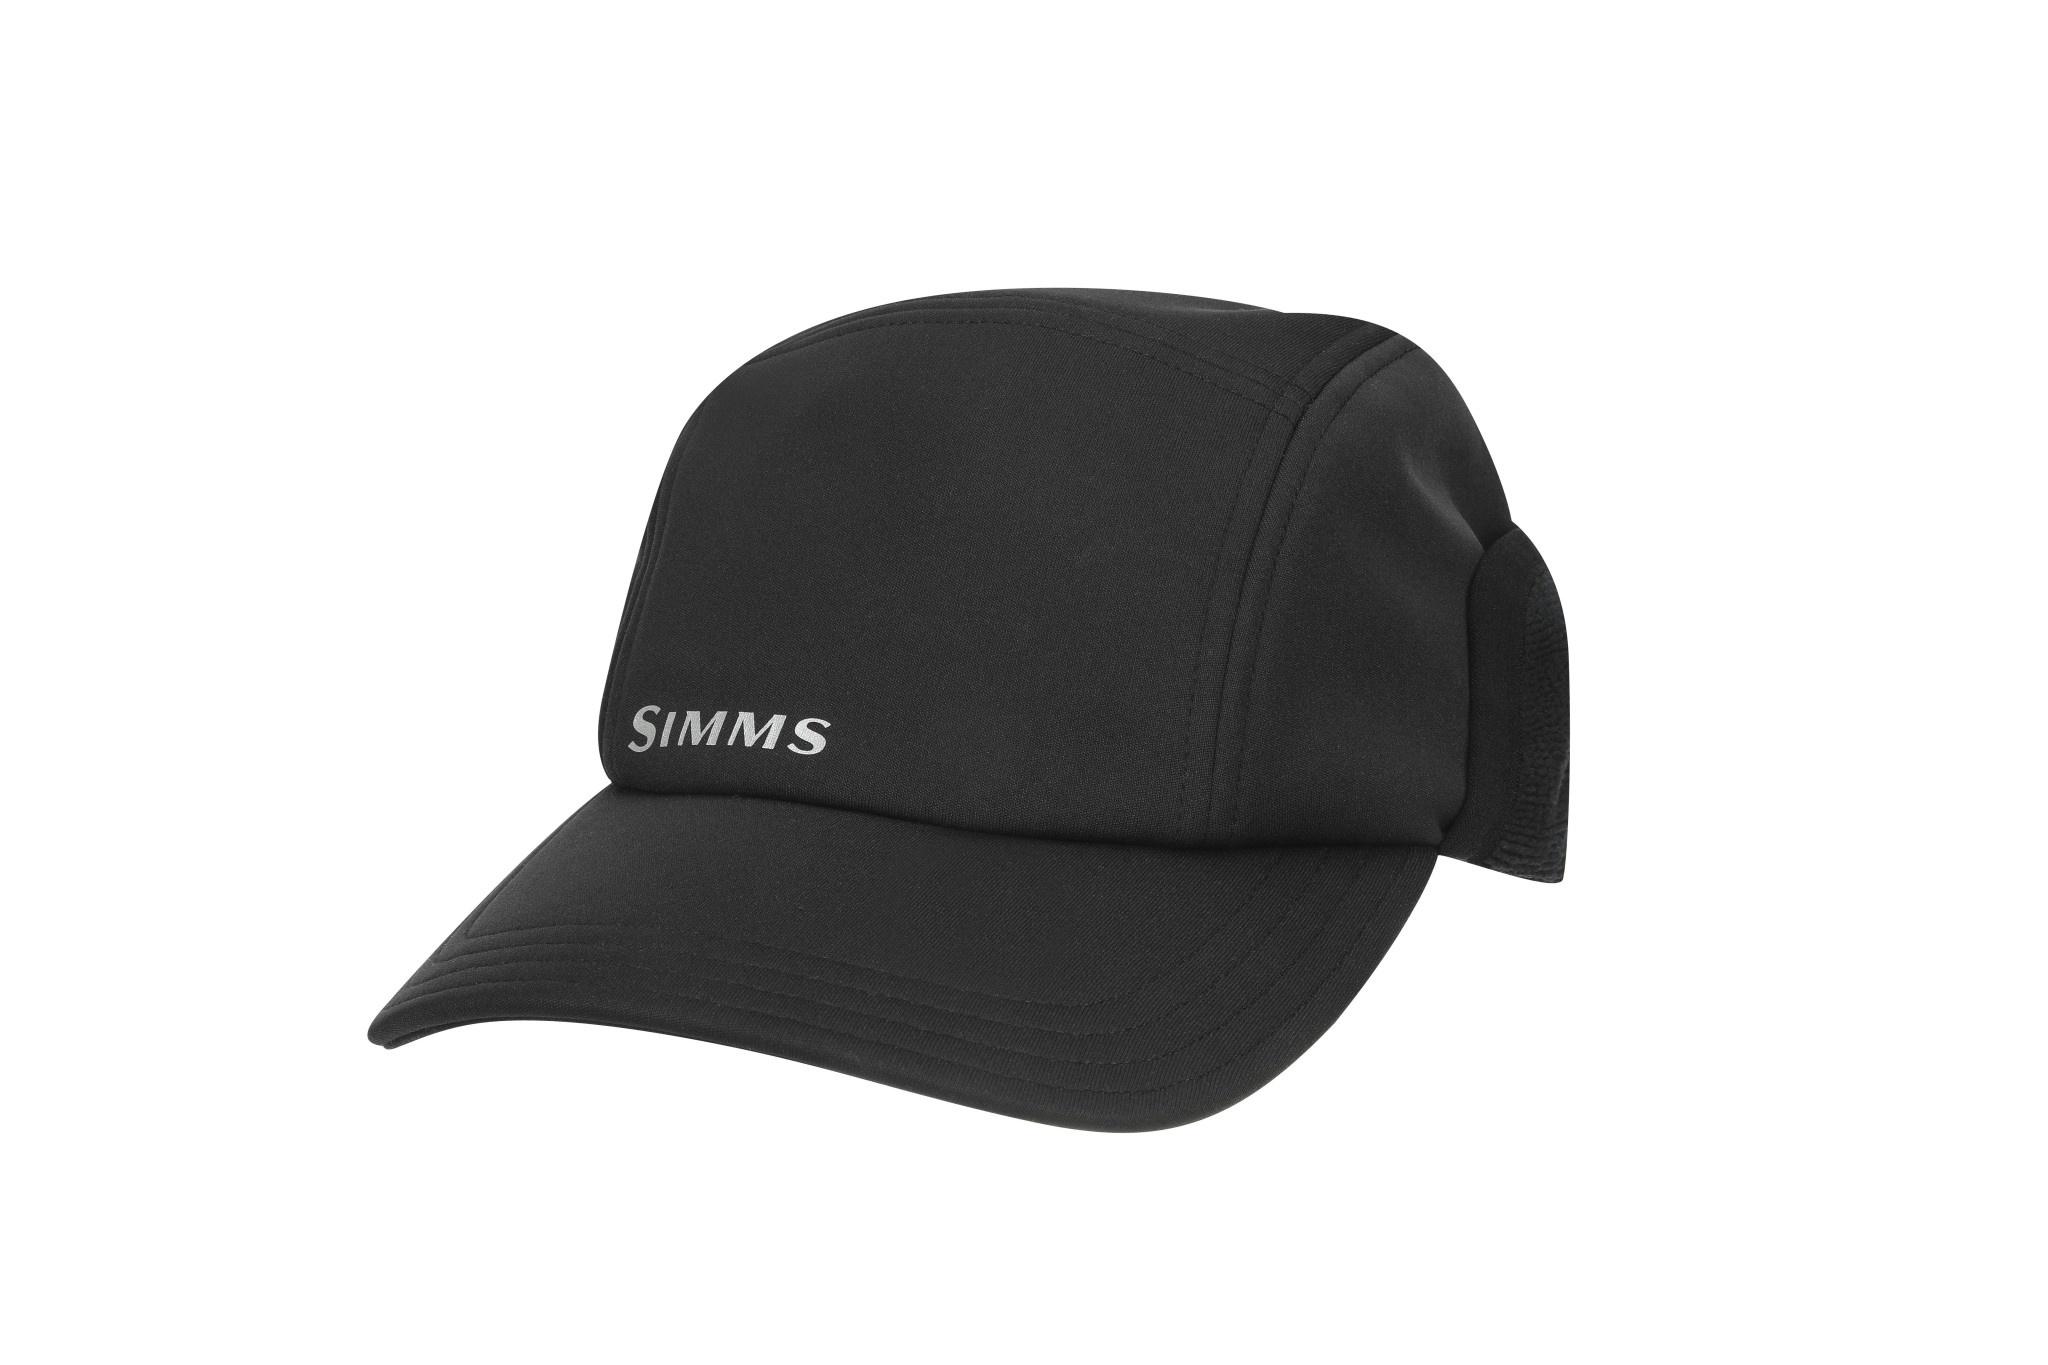 Simms Simms GORE-TEX INFINIUM Wind Cap